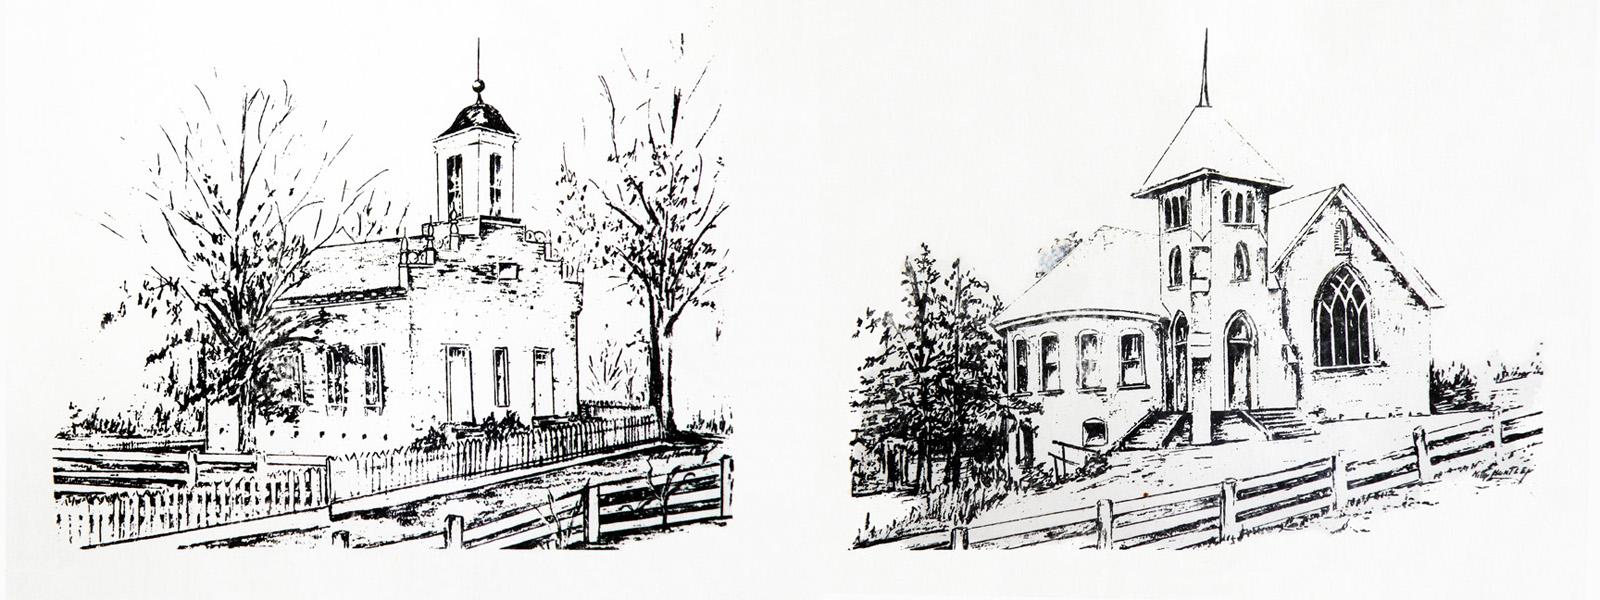 fumc-1846-1898-churches